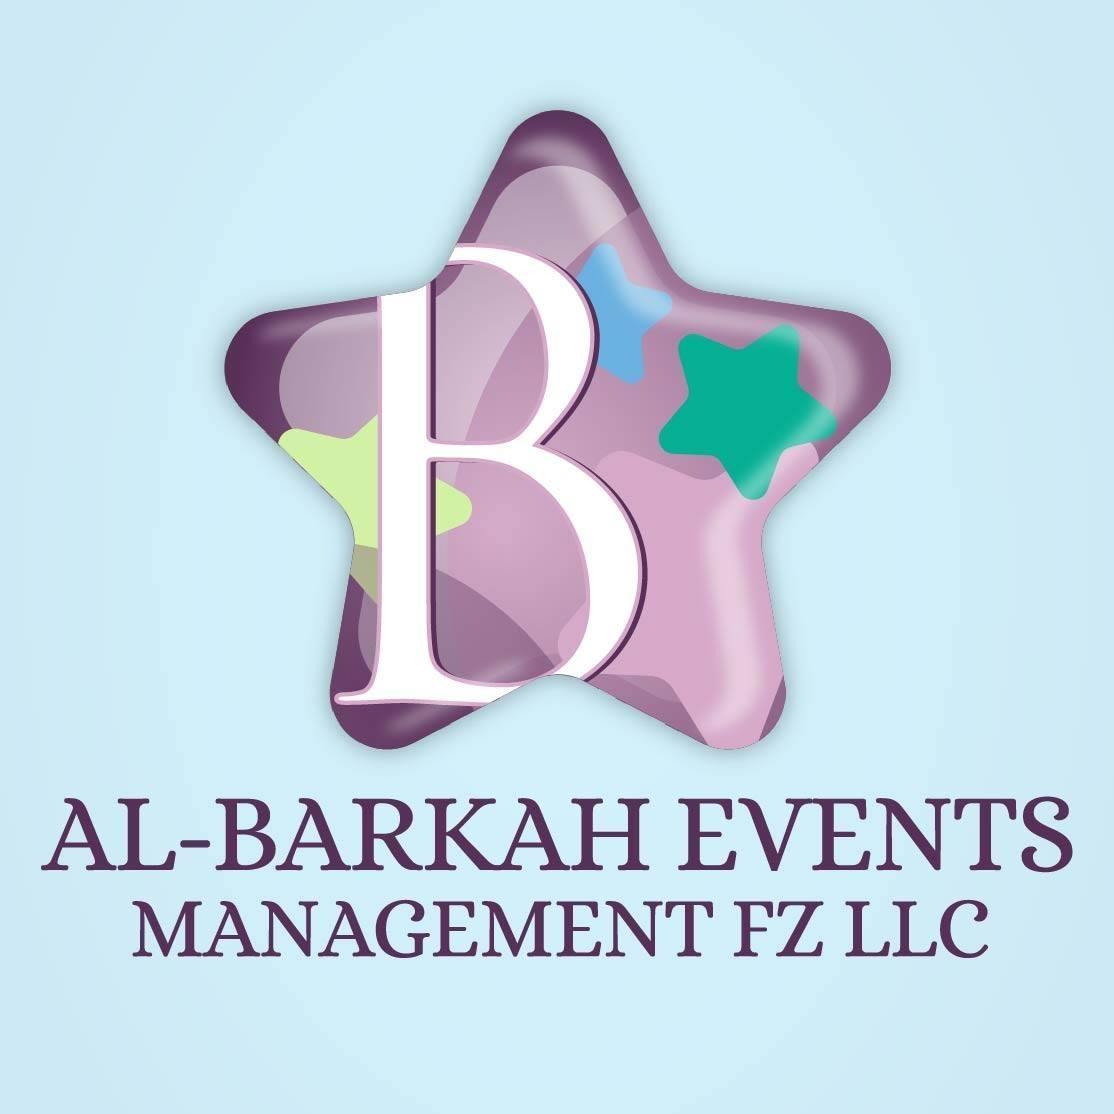 Al-Barkah Events